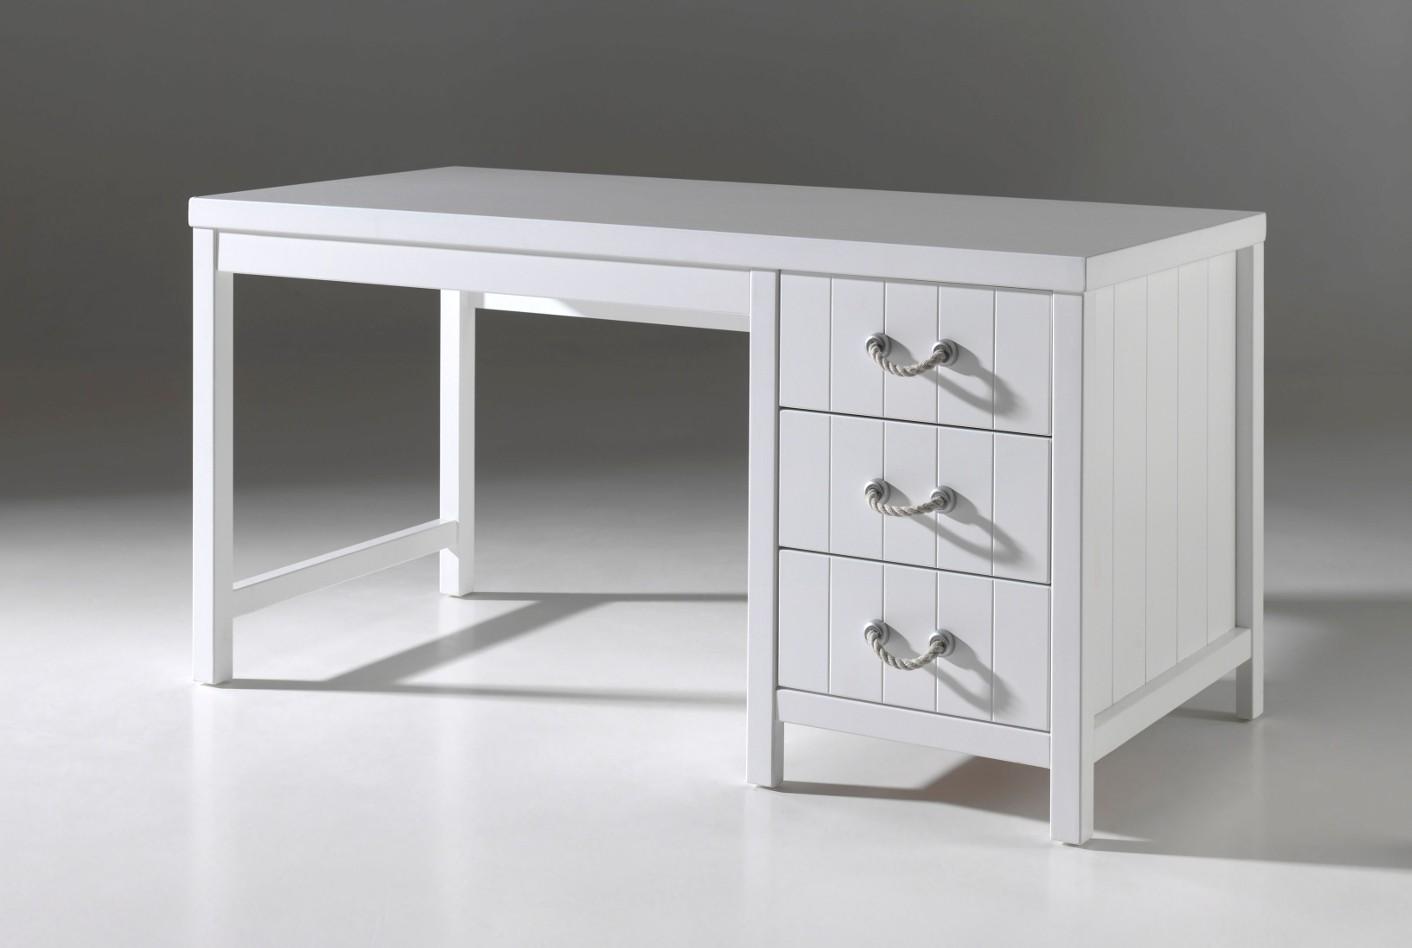 schreibtisch lewis 3 schubladen wei kinder jugendzimmer schreibtische. Black Bedroom Furniture Sets. Home Design Ideas